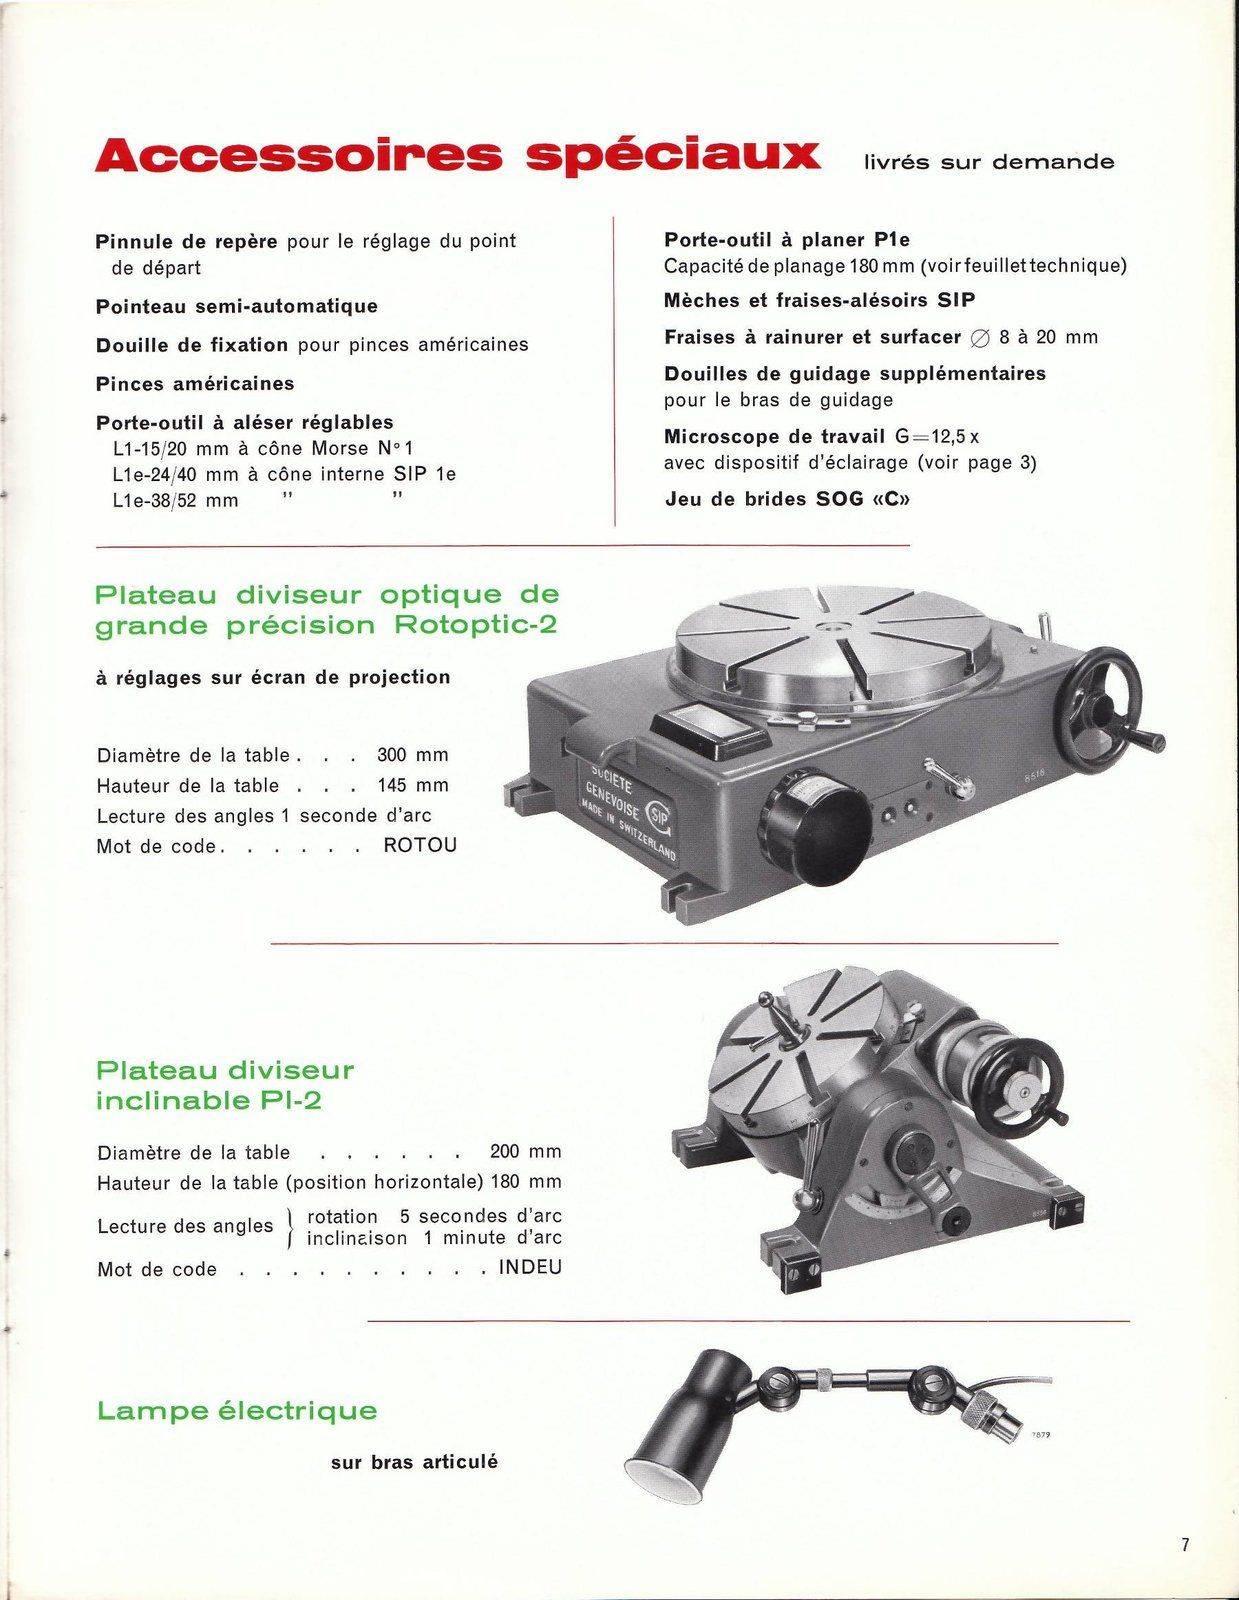 Prospectus MP-2P motorisée_7.jpg